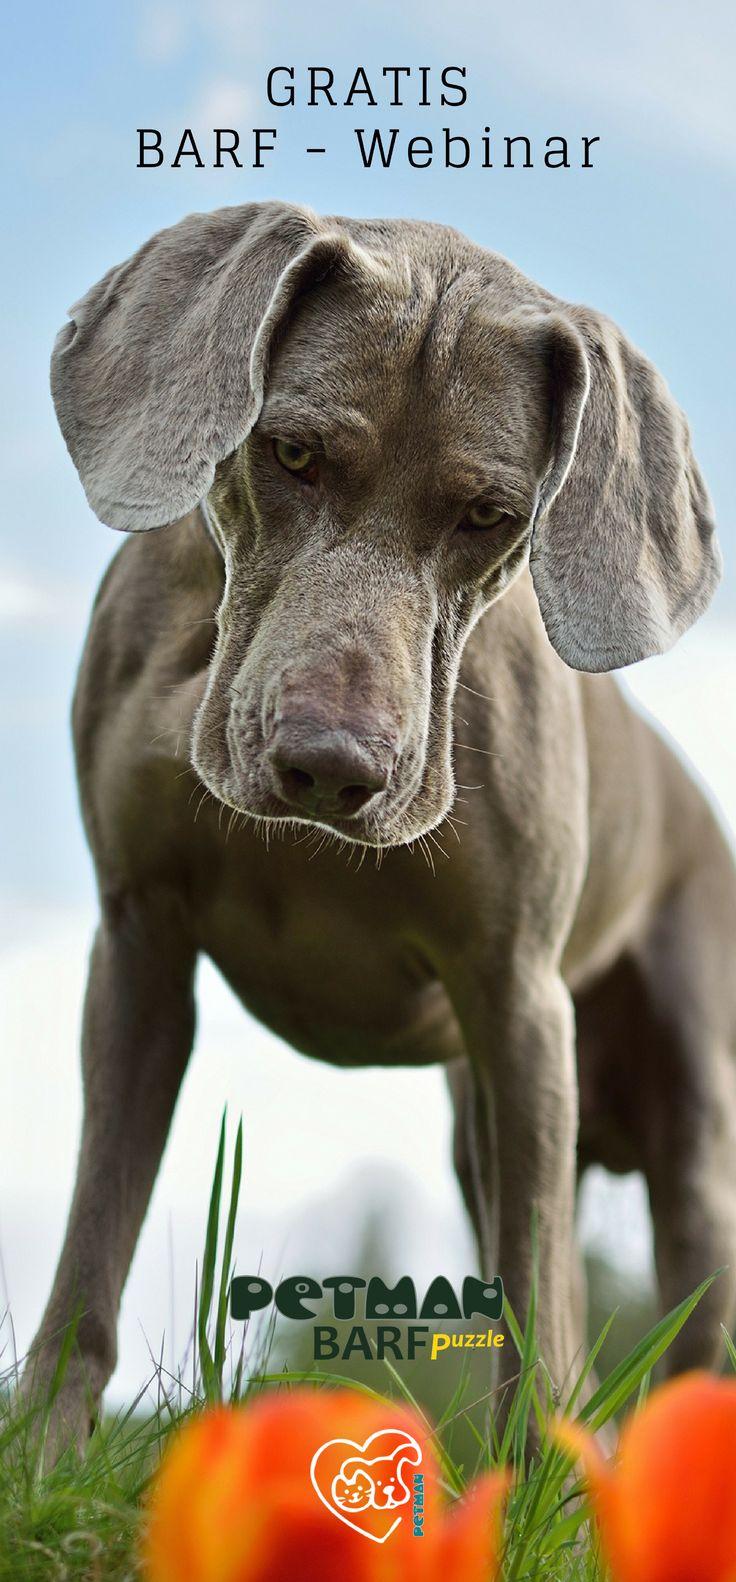 BARF-Webinar am 08.Oktober! Das Webinar bringt euch die Grundlagen der BARF Ernährung näher! Immer wieder liest und hört man das #BARF schwierig, kompliziert und gefährlich wäre. Wie man es richtig macht erklären wir euch mit unseren kostenlosen Webinaren. - Ihr wollt euren Hund noch gesünder ernähren? - Alle anderen BARFen ihre Hunde, ihr wisst aber nicht, wie man's richtig macht? - Euer Tierarzt hat euch die Umstellung auf Rohfütterung empfohlen?…